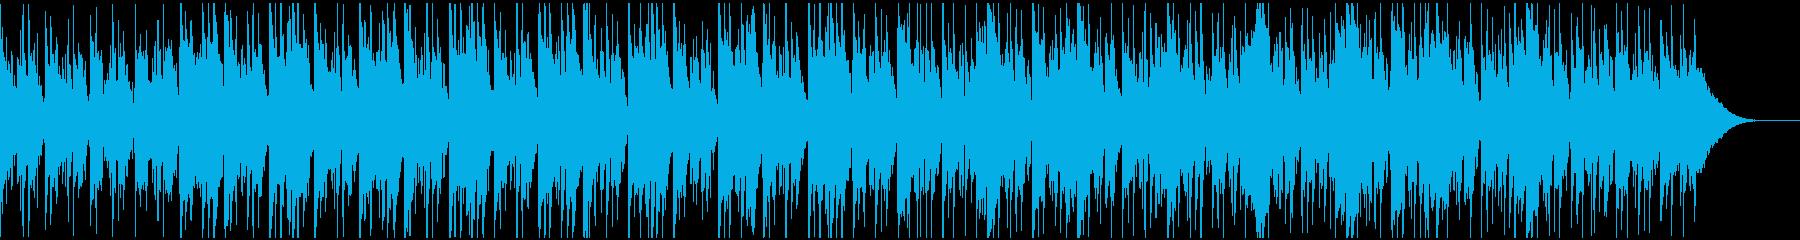 アルペジオギターと鉄琴のかわいいポップスの再生済みの波形